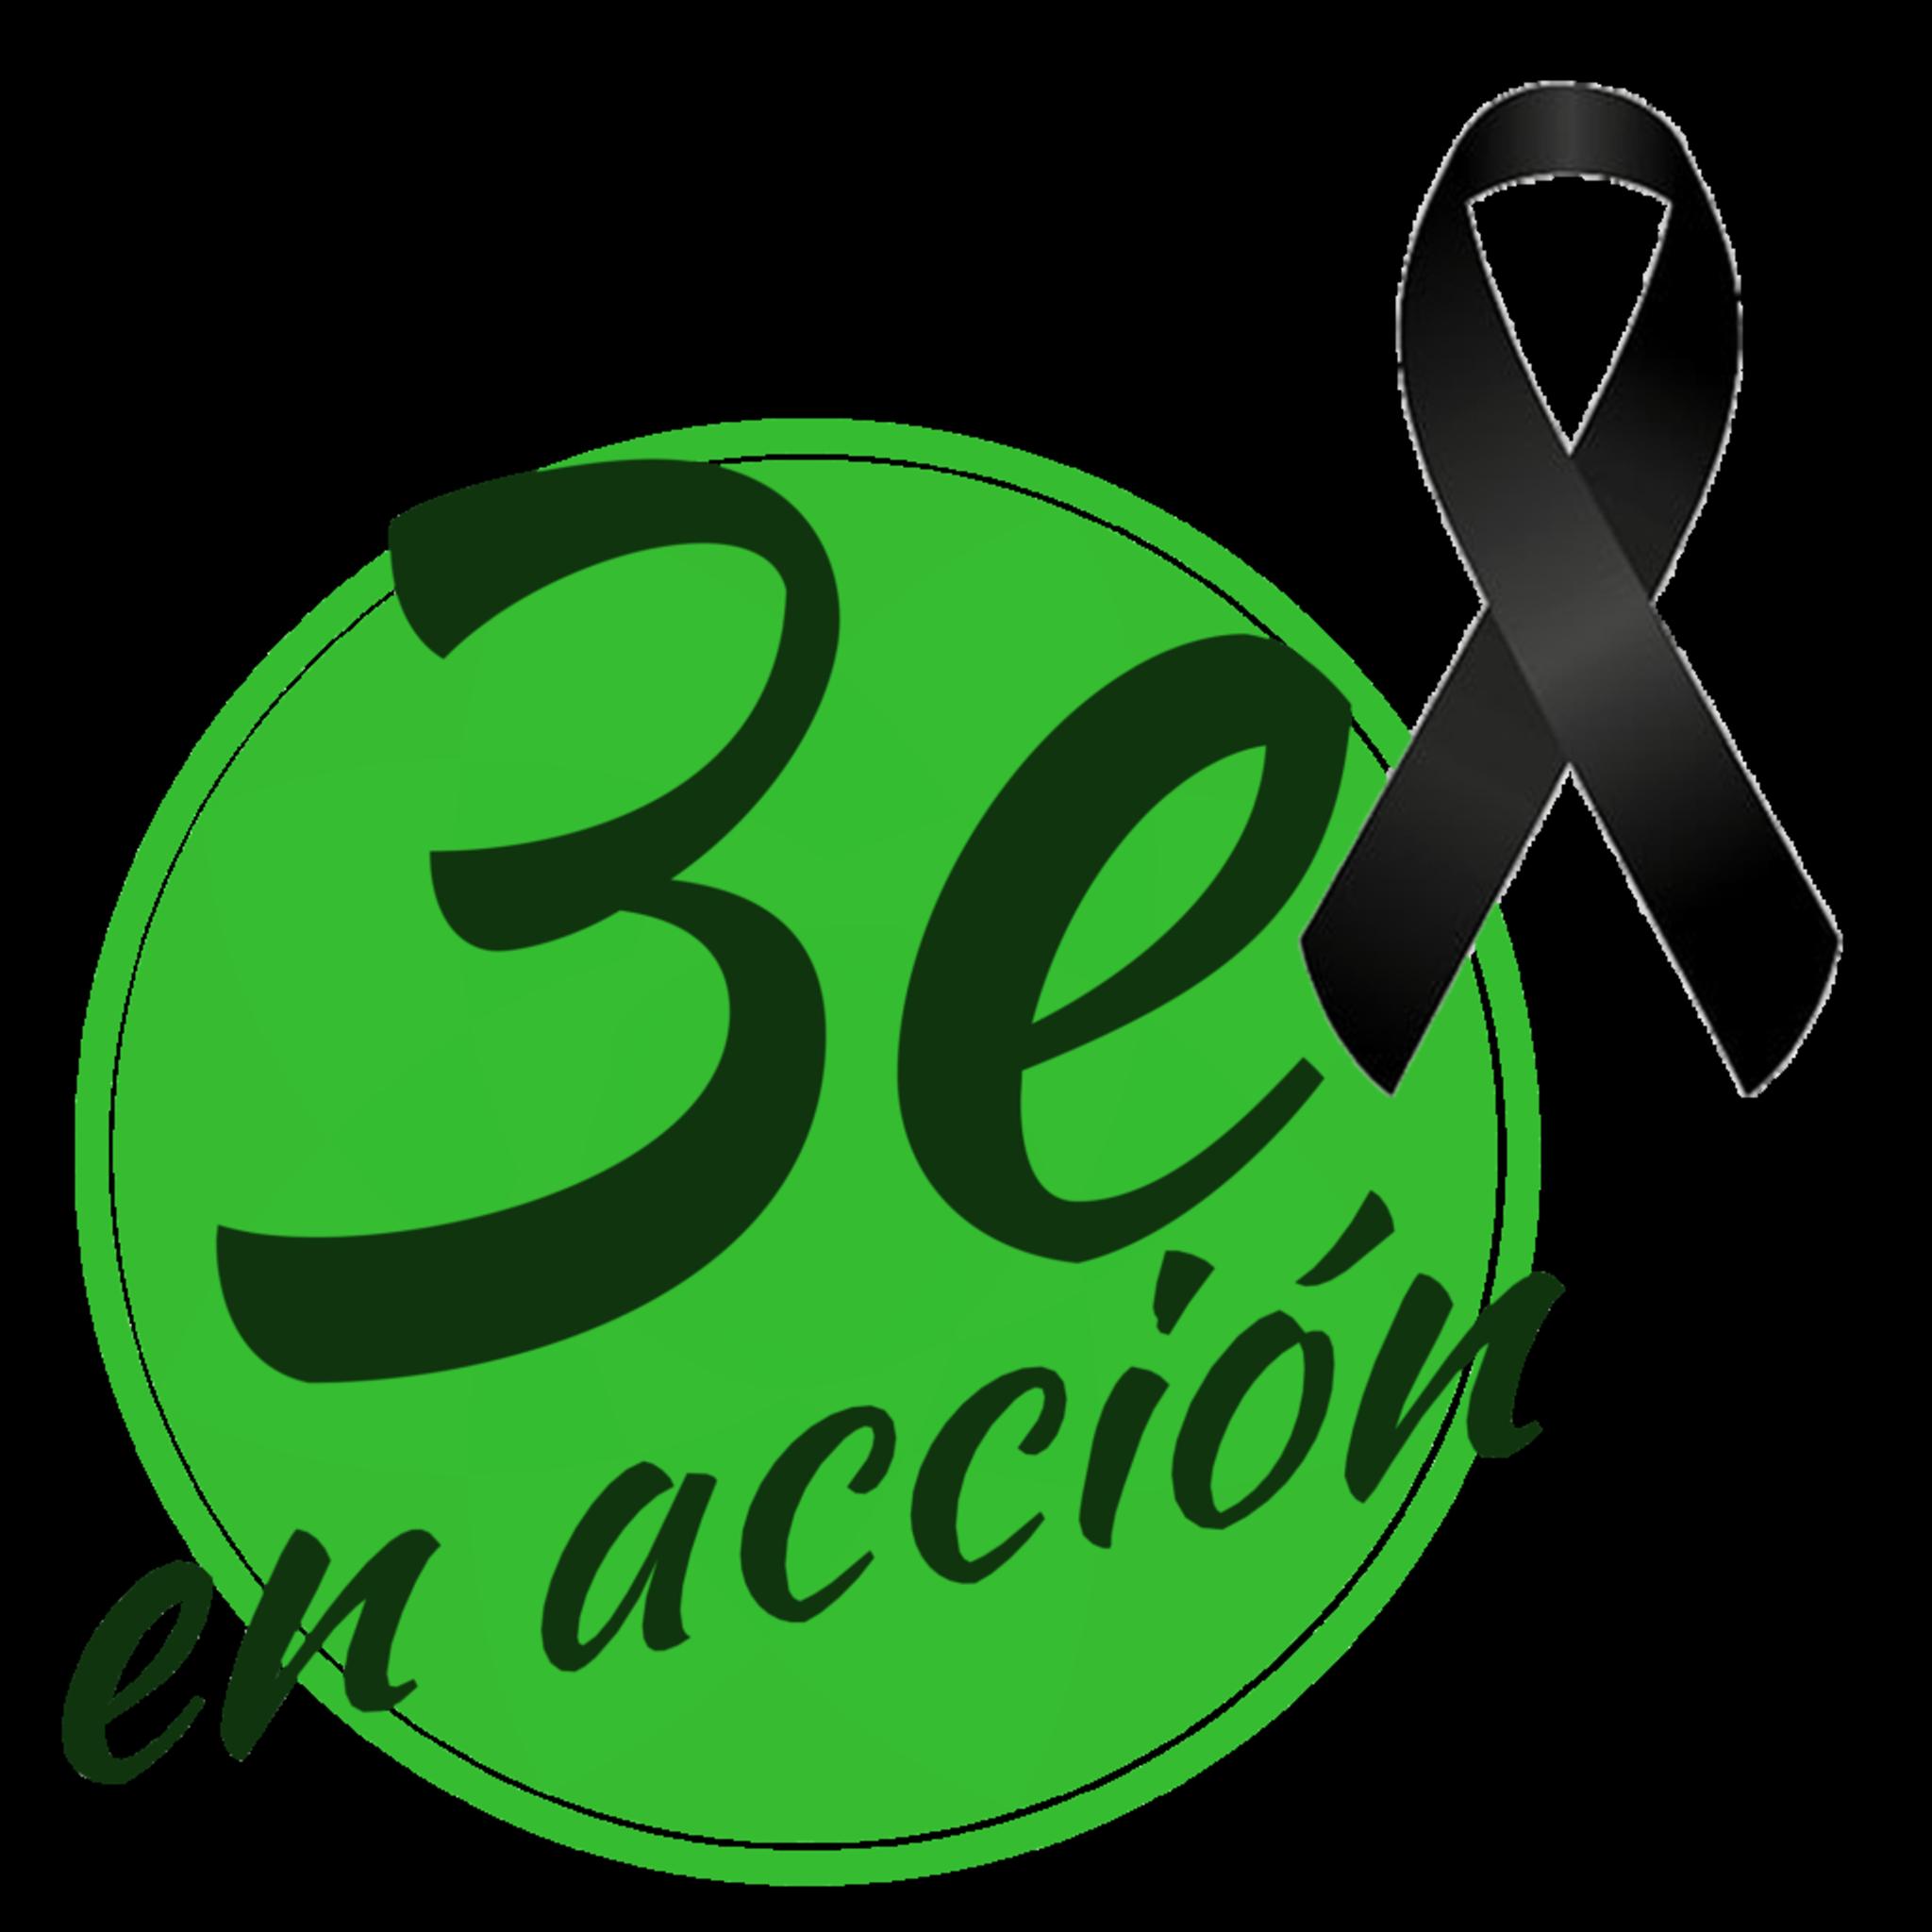 https://3edad.org/wp-content/uploads/2020/12/logo-grande.png